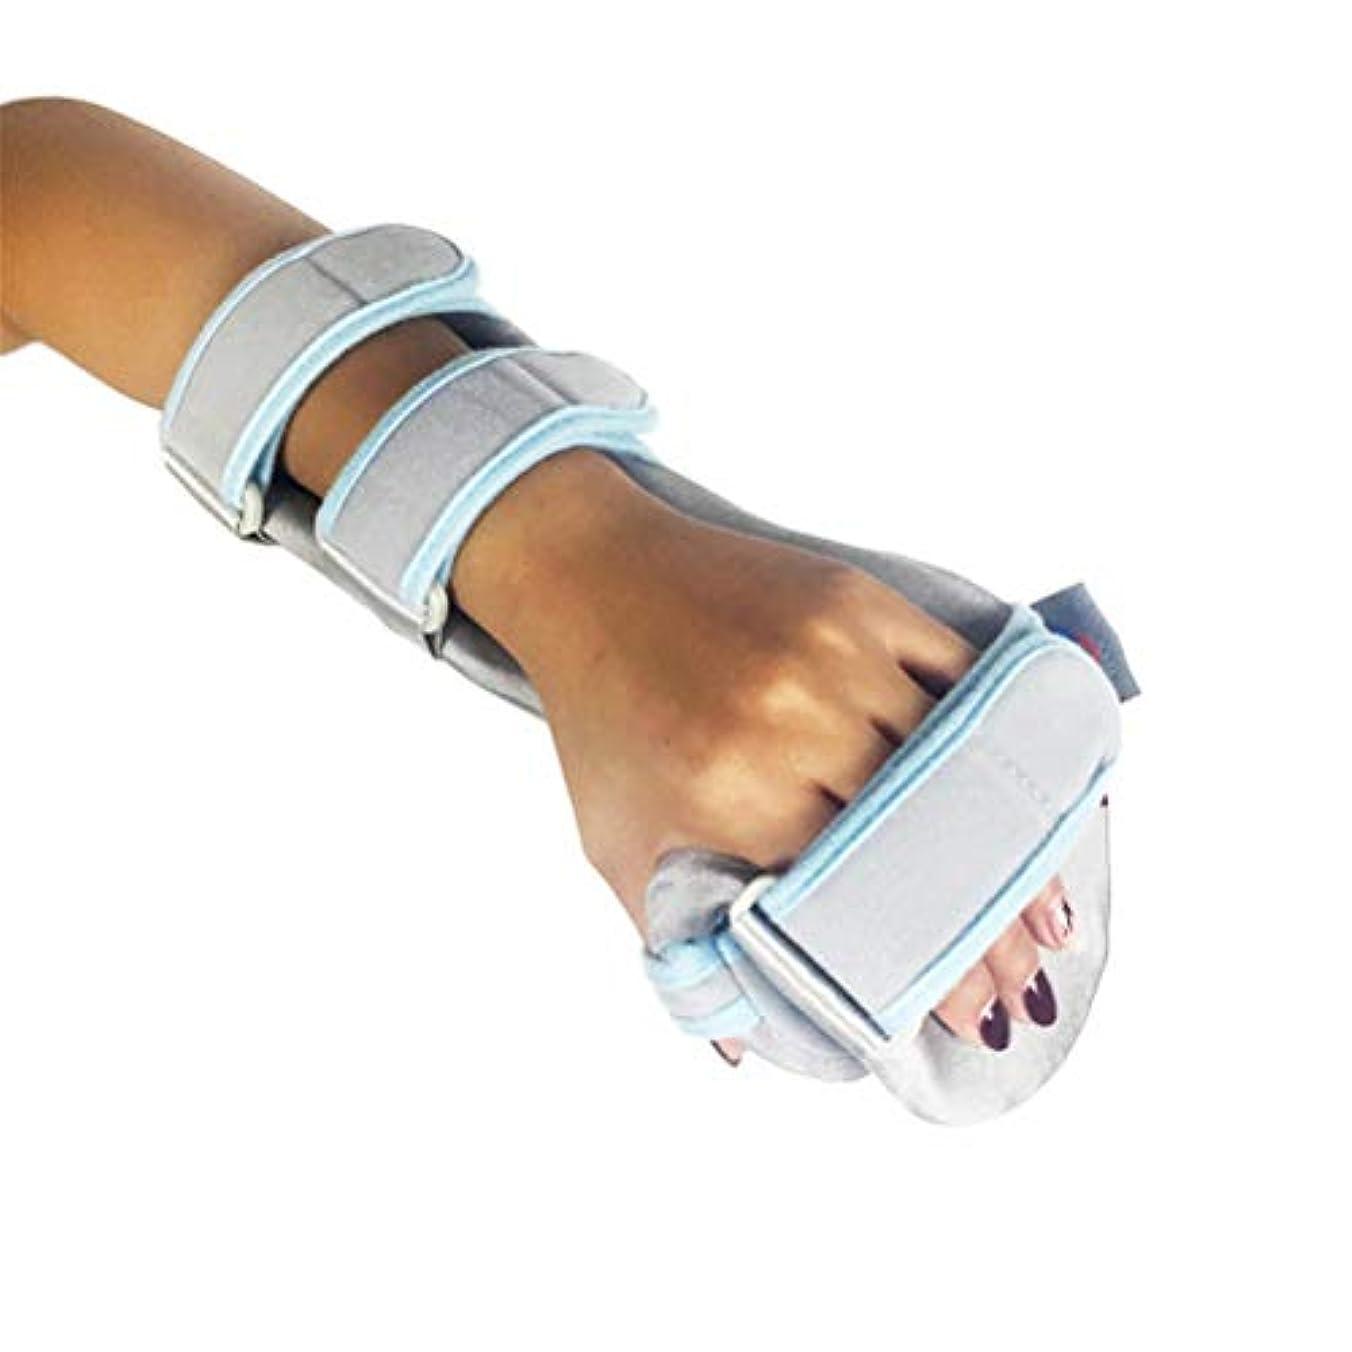 ソブリケットイチゴピカソHEALIFTY 指スプリントフィンガー手首骨折固定足場用腱腱炎腱炎骨折関節炎転位(右手)